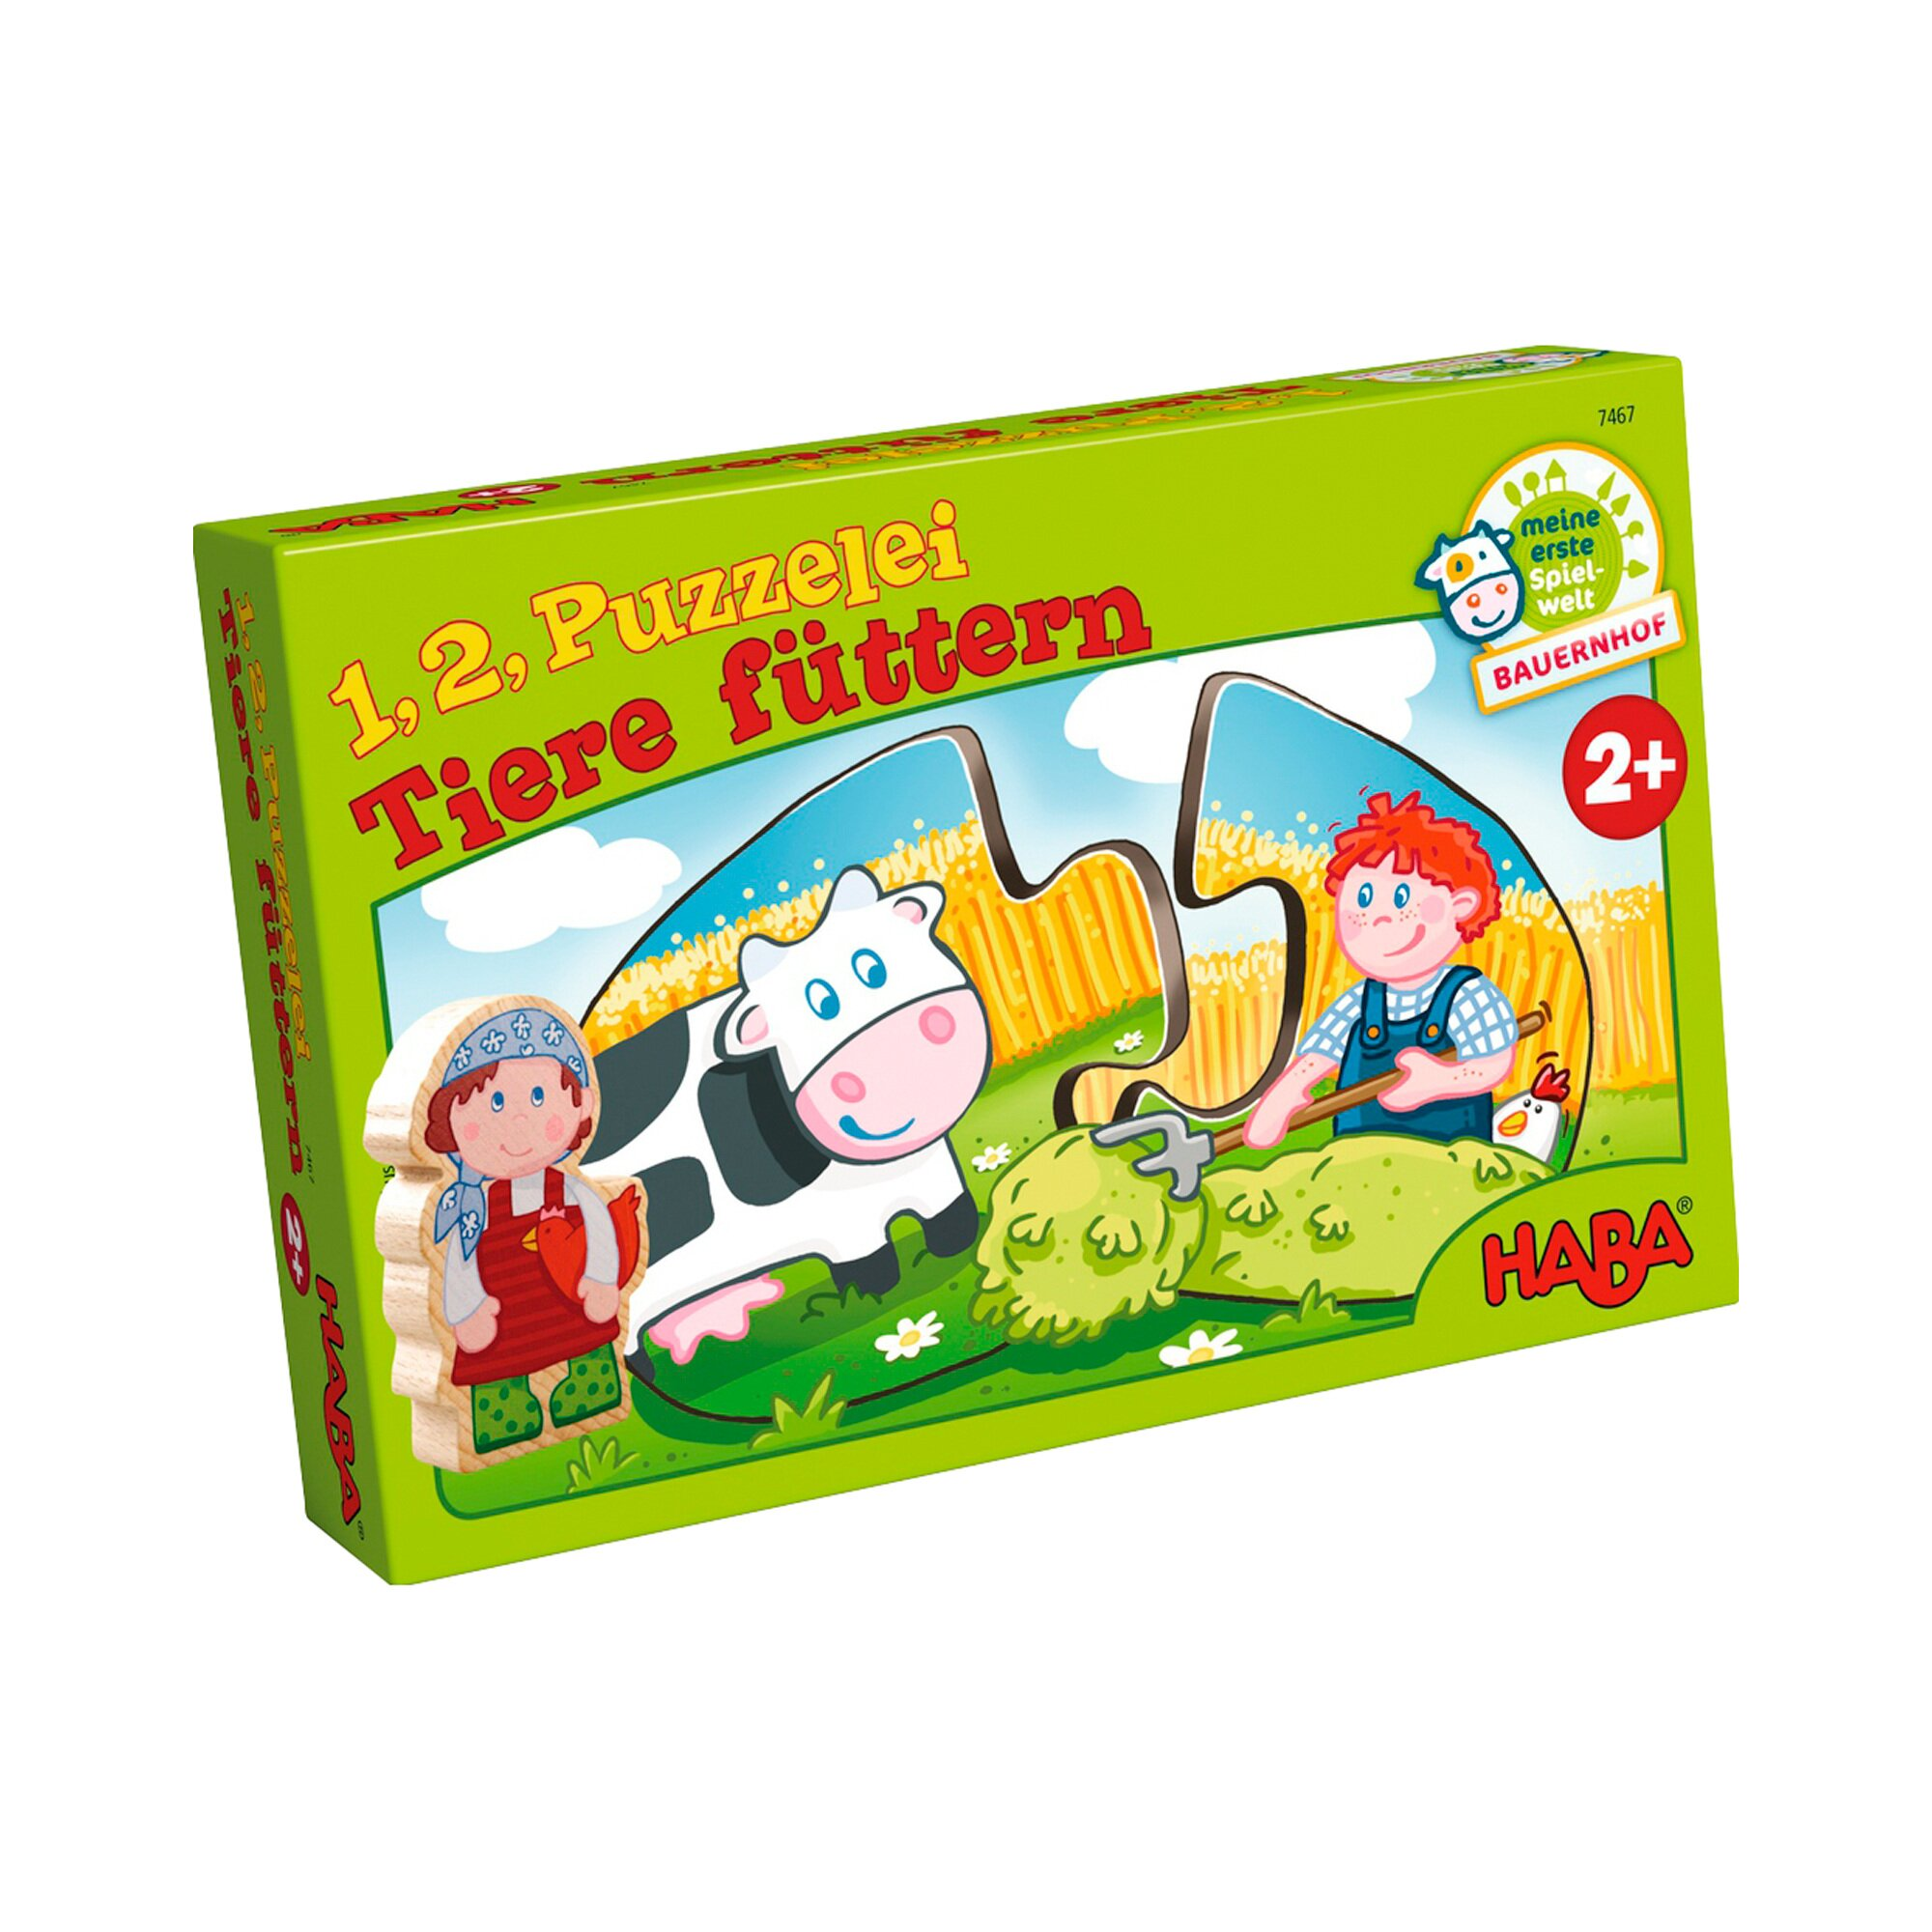 Haba Puzzle - 1, 2, Puzzelei Tiere füttern